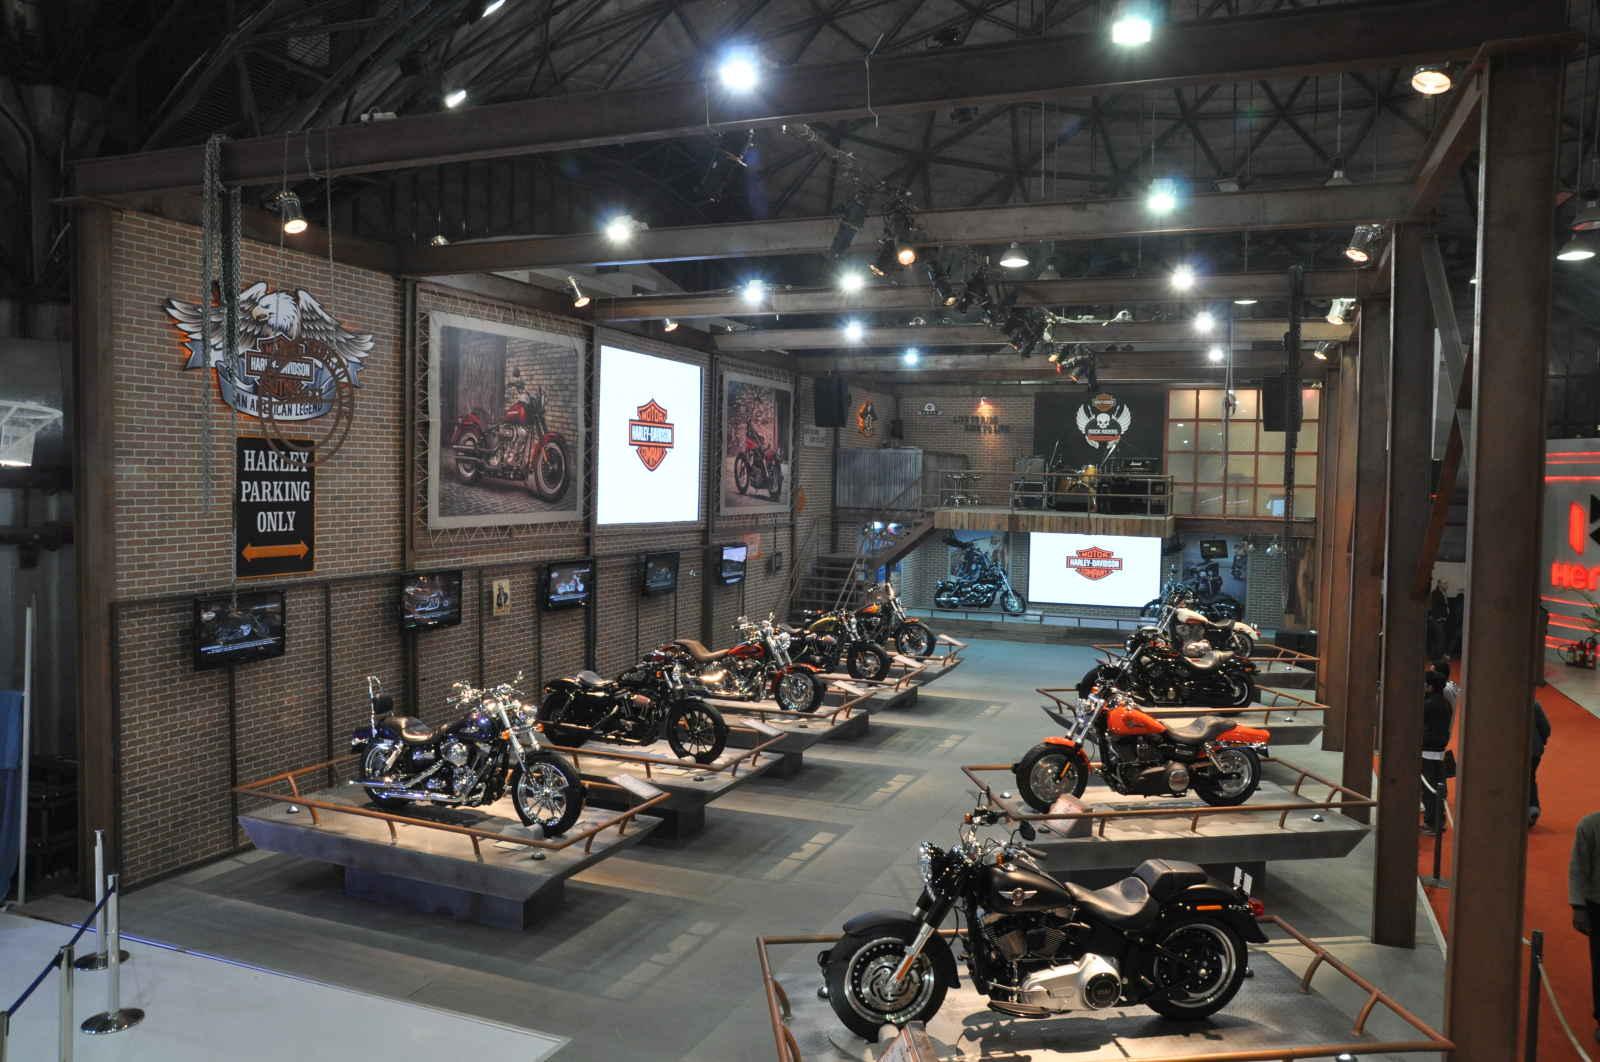 Harley-Davidson Pavilion